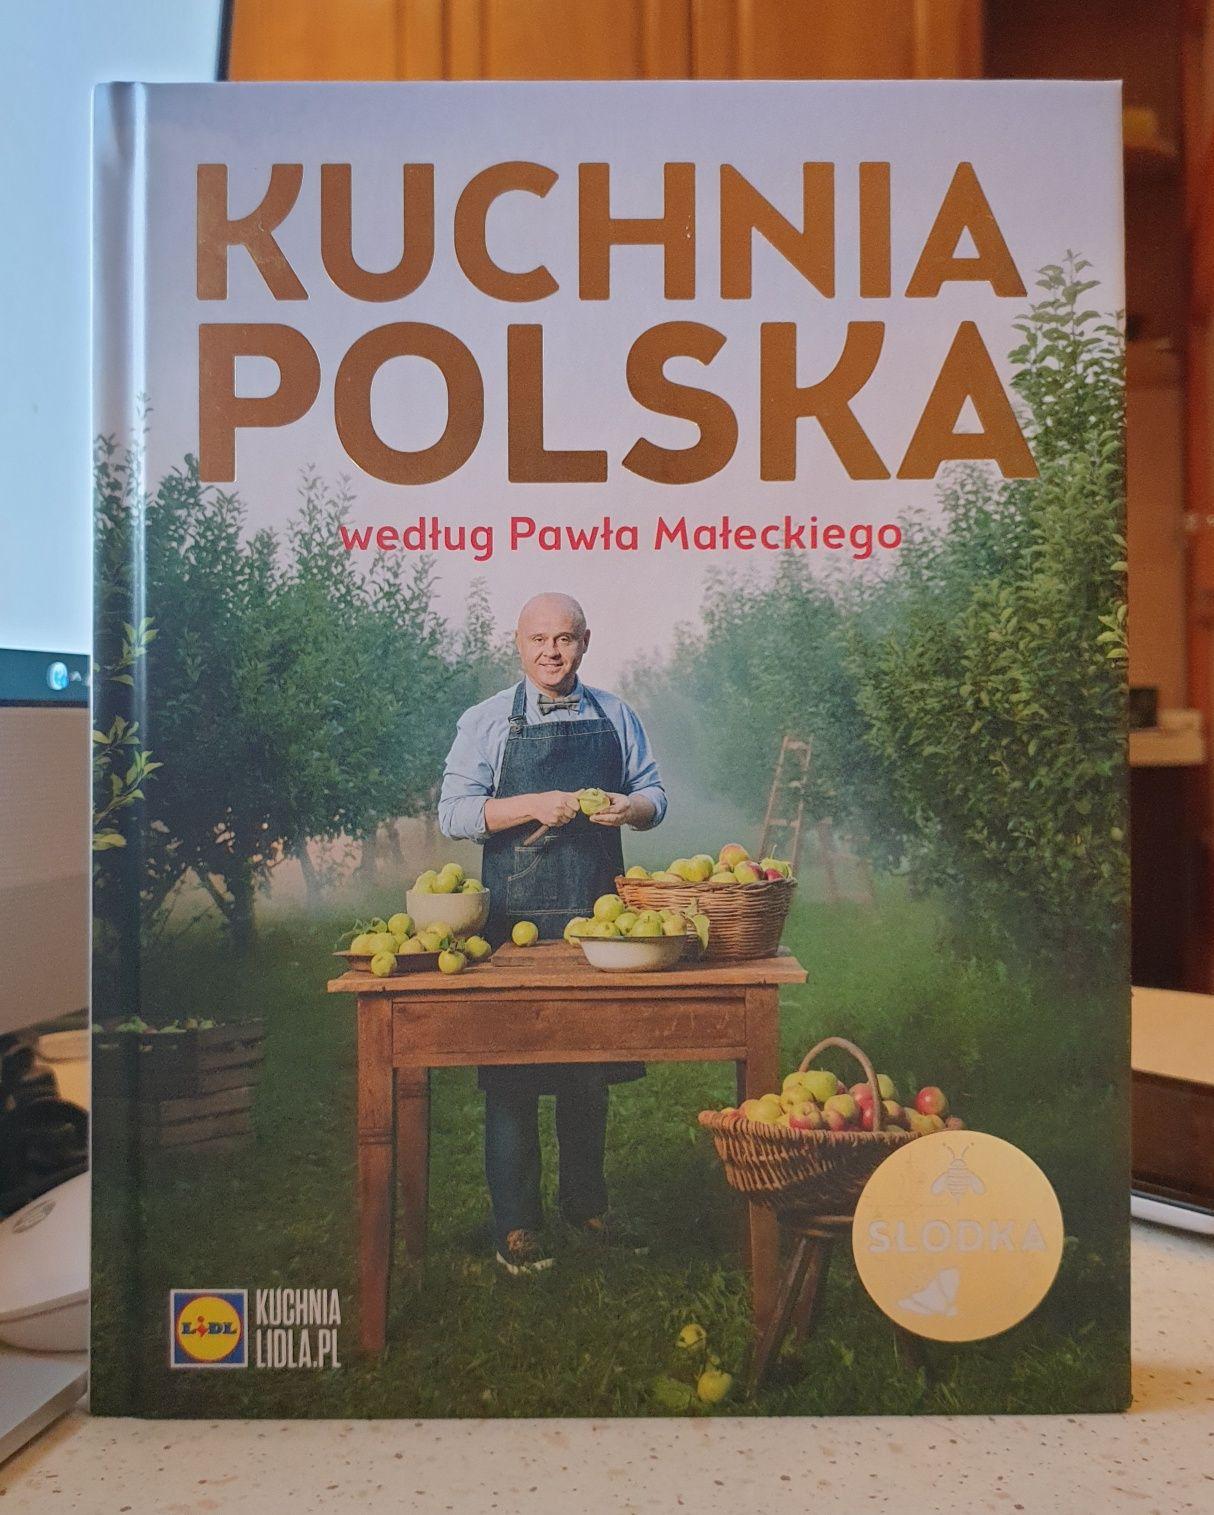 Kuchnia polska według Pawła Małeckiego LIDL